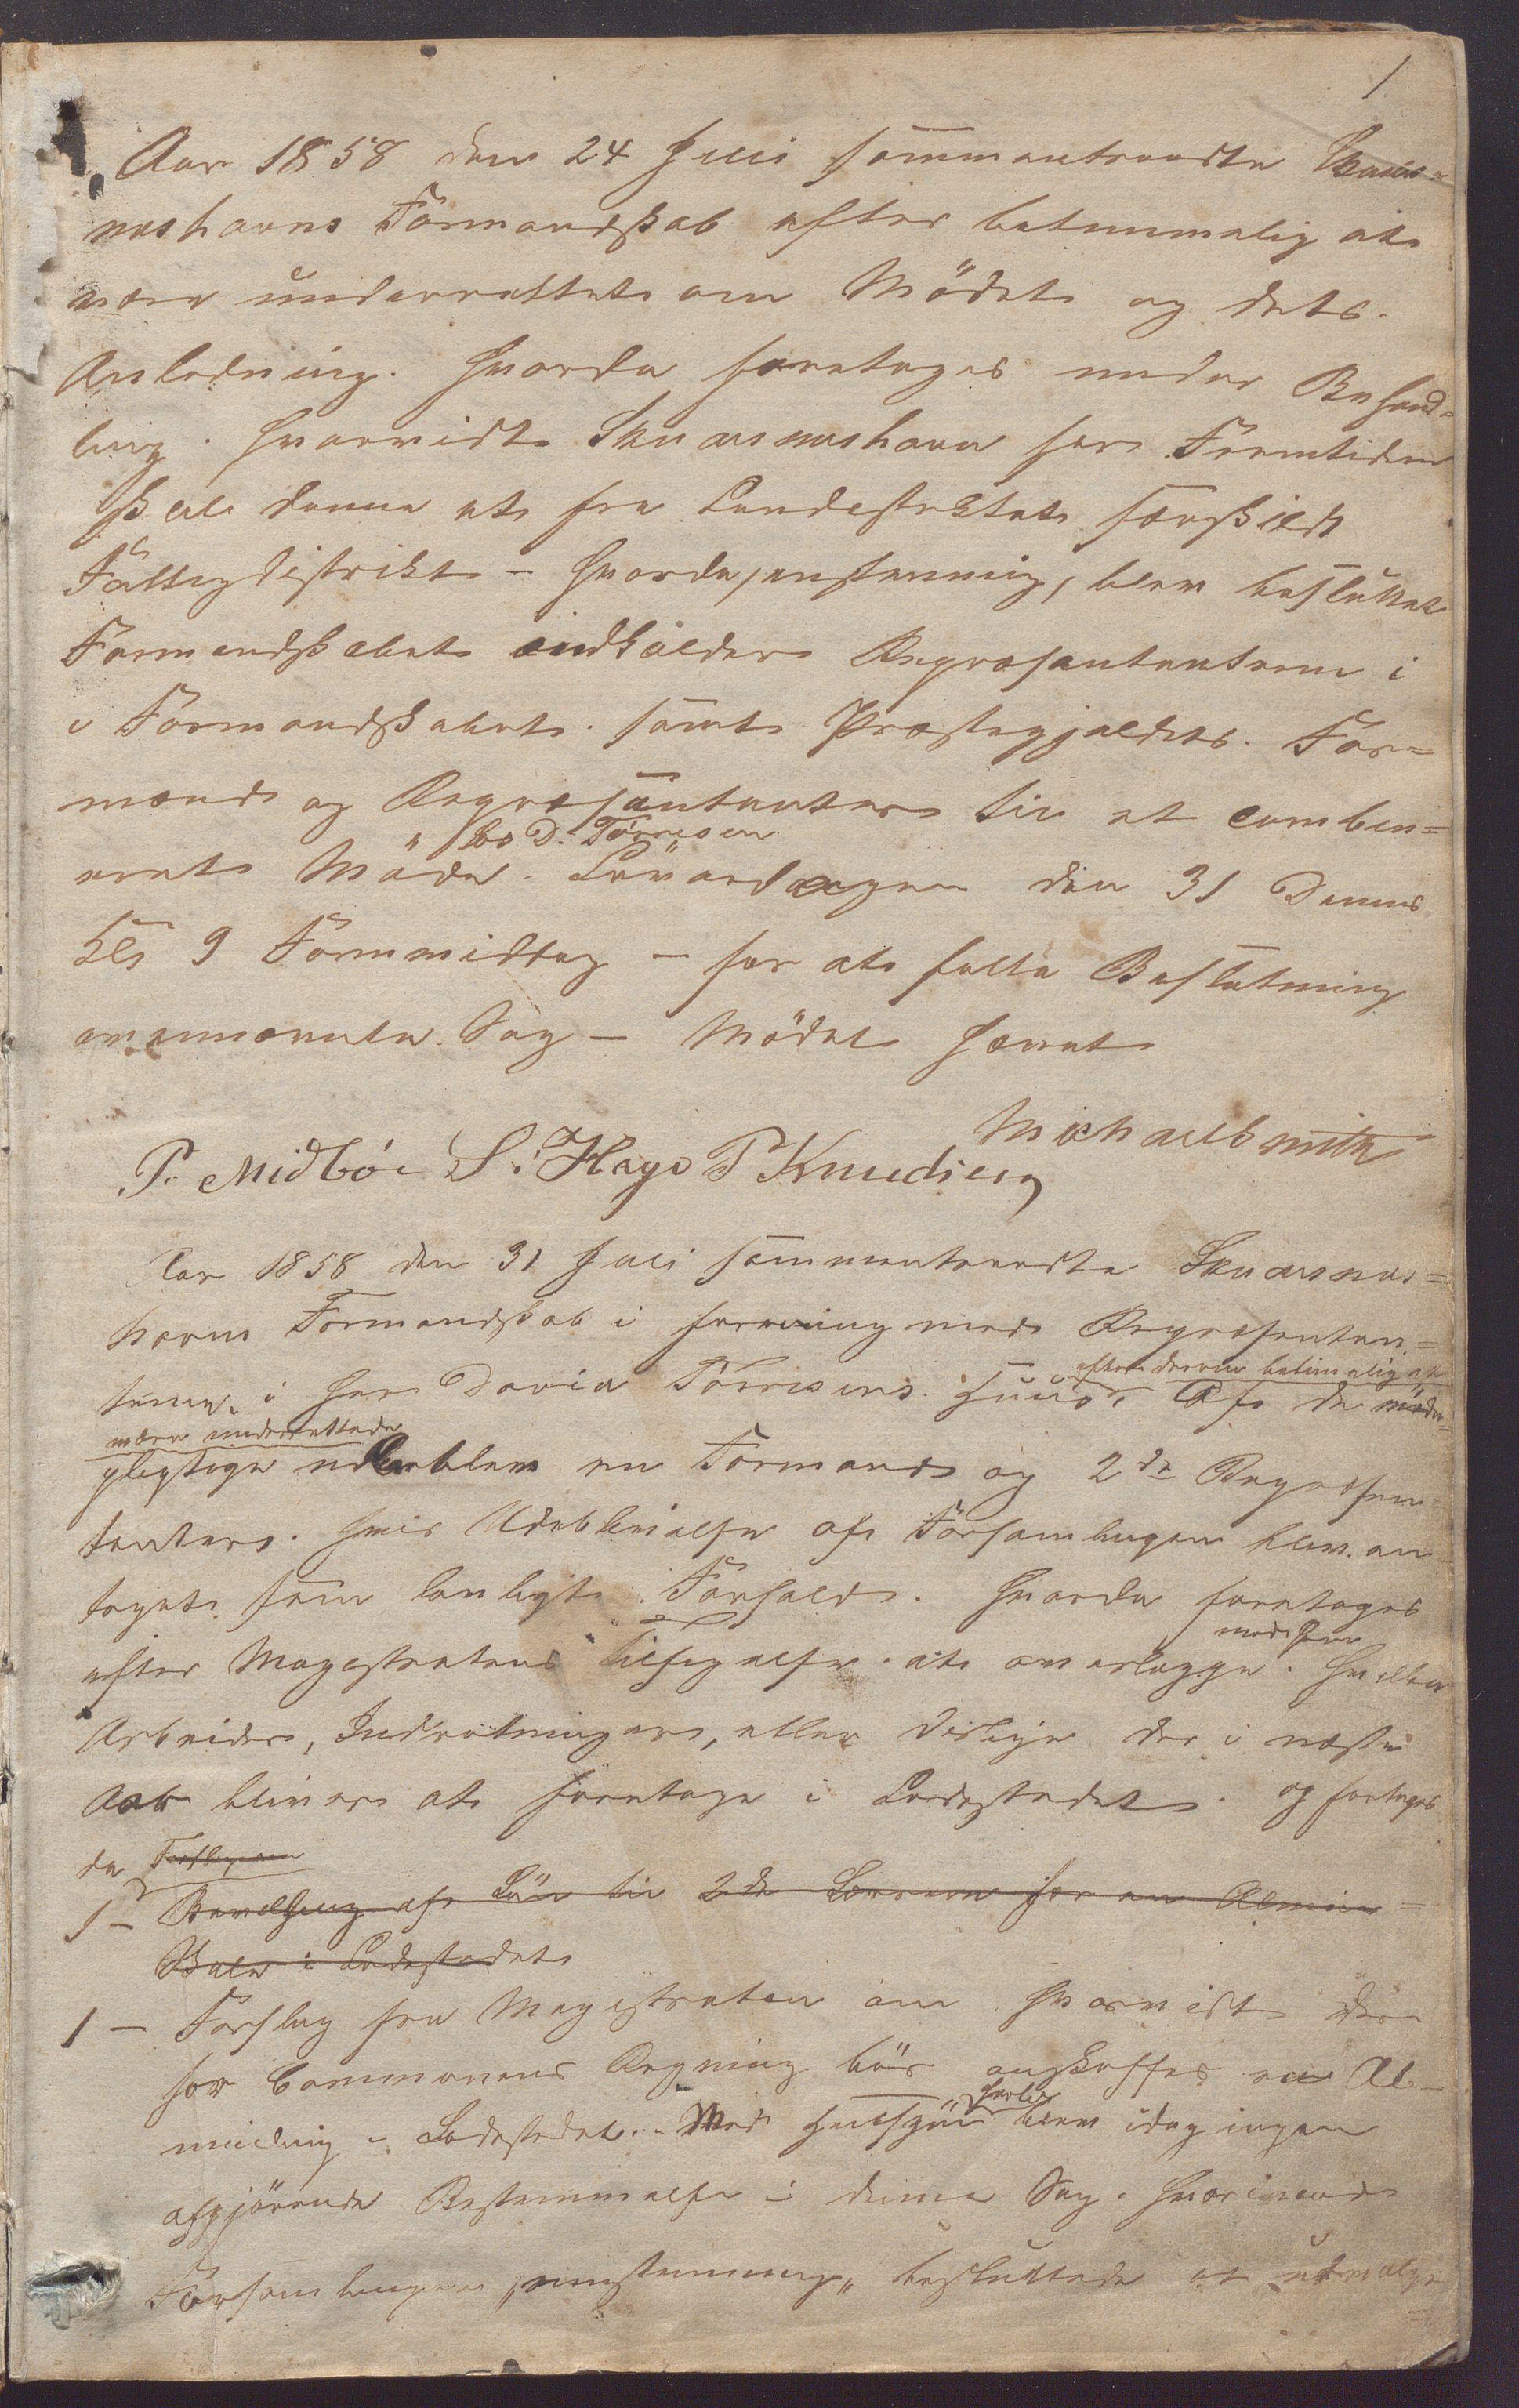 IKAR, Skudeneshavn kommune - Formannskapet, Aa/L0001: Møtebok, 1858-1880, s. 1a